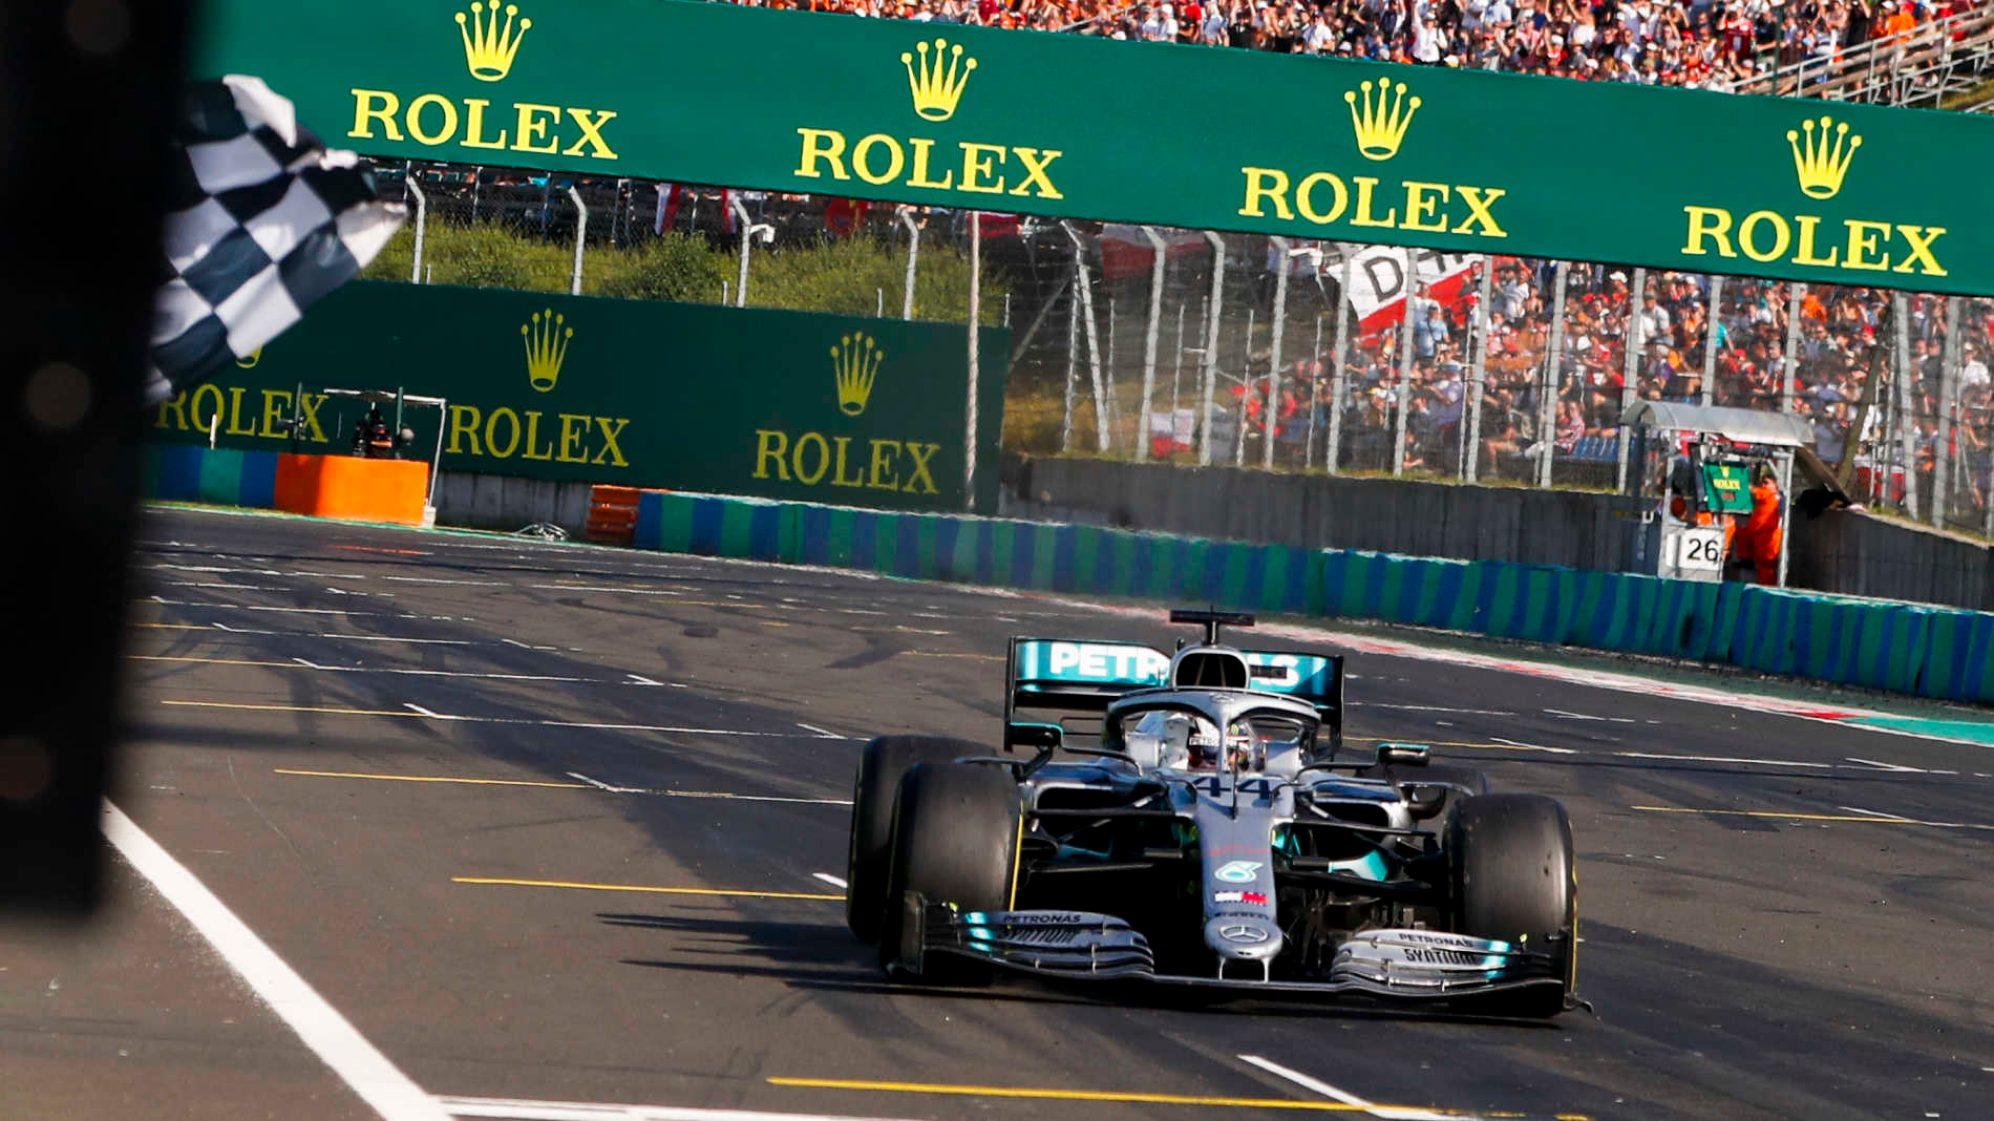 Formula 1 - Gp d'Ungheria : Hamilton e Verstappen hanno una marcia in più, le Ferrari difendono la posizione